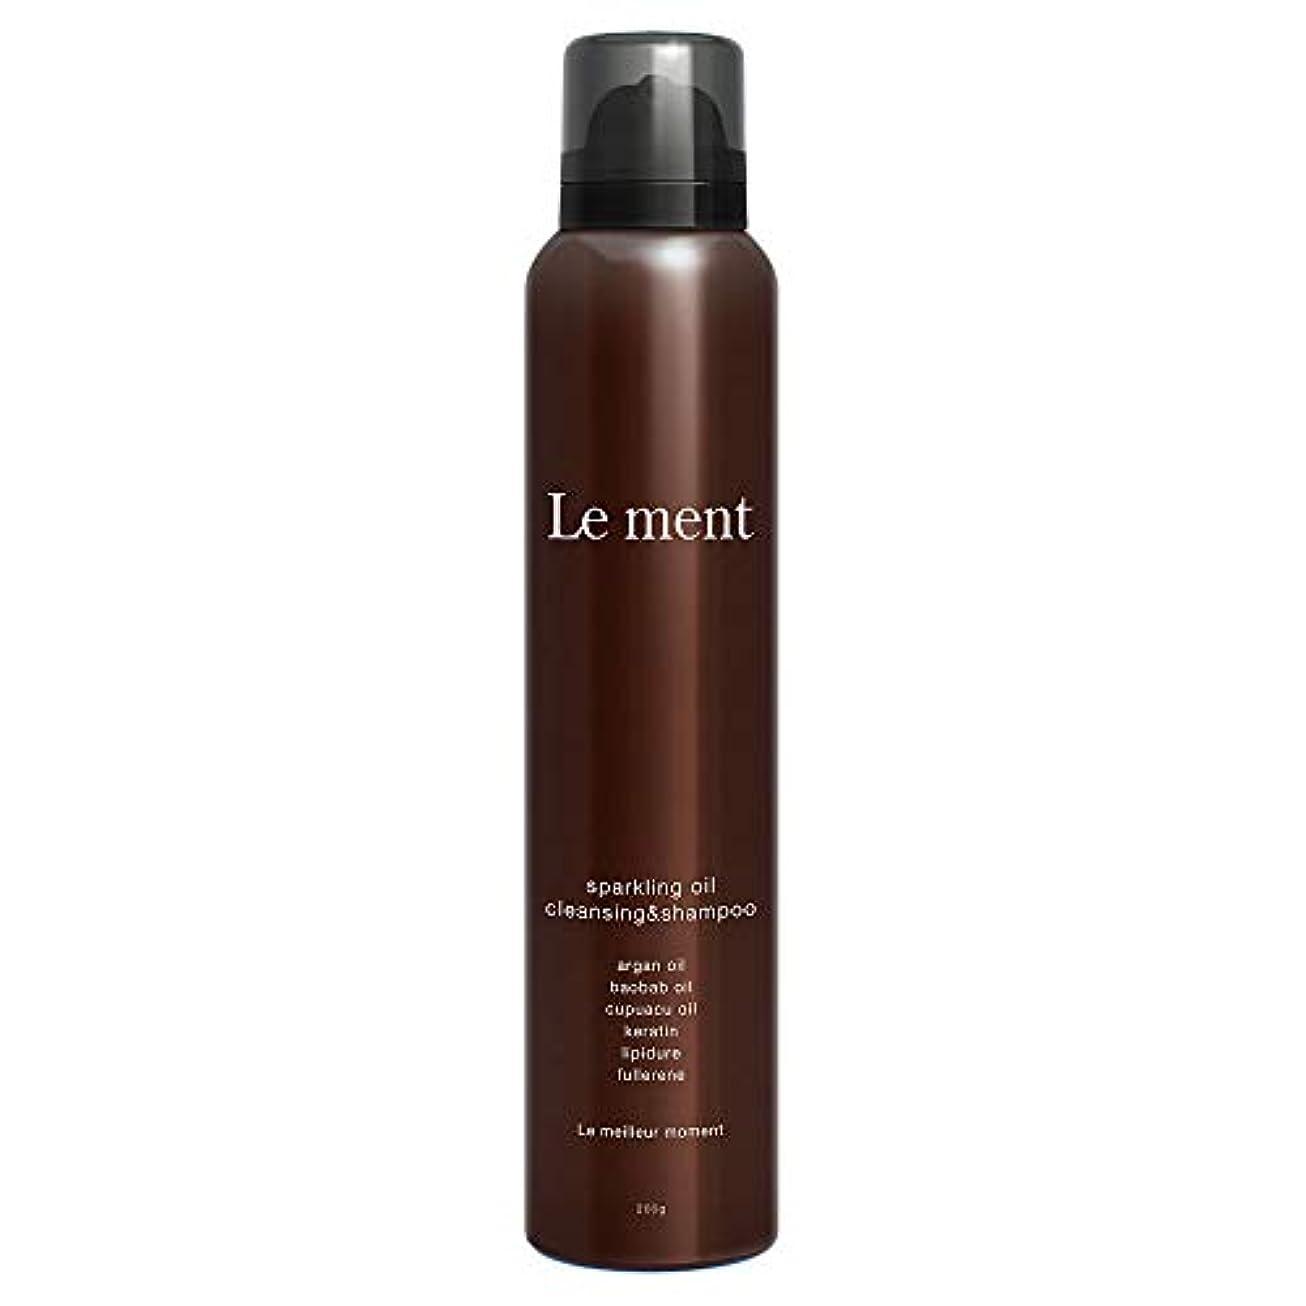 無条件スキムパイントLe ment -sparkling oil cleansing & shampoo -